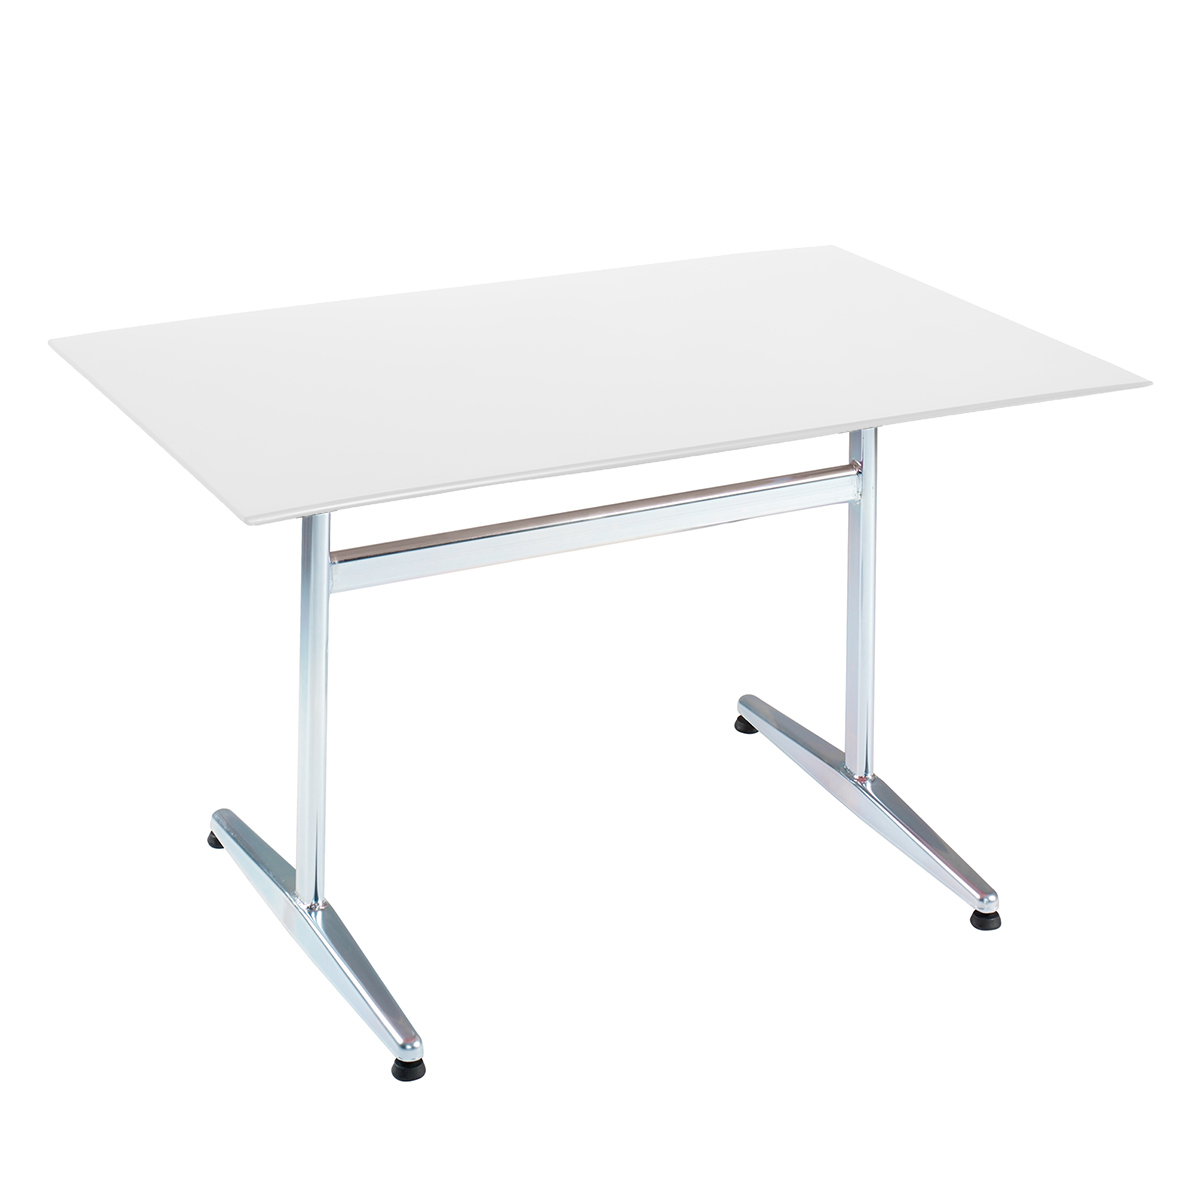 GFK Tisch weiss, glanz, elegance, Untergestell galvanisch, T-Gestell Basic, 140 x 80 x 0.9 cm, H 73 cm